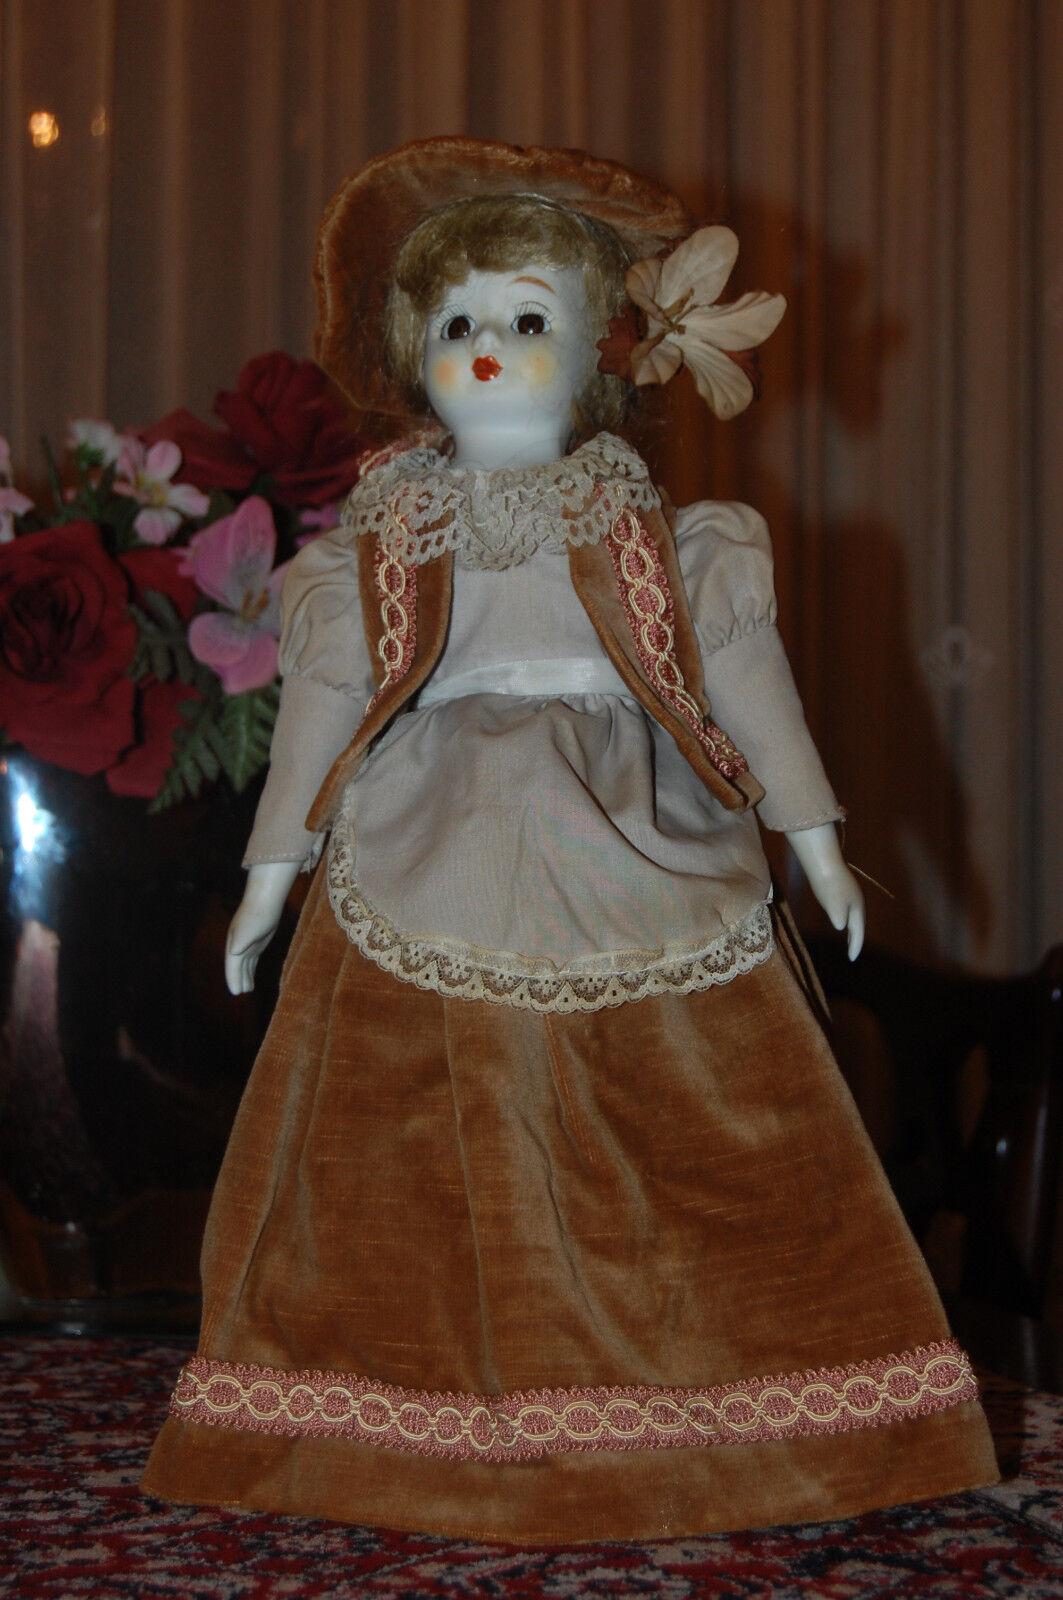 Alemania Vintage Vintage Muñeca De Porcelana Marrón De Terciopelo Vestido y Sombrero 45 Cm